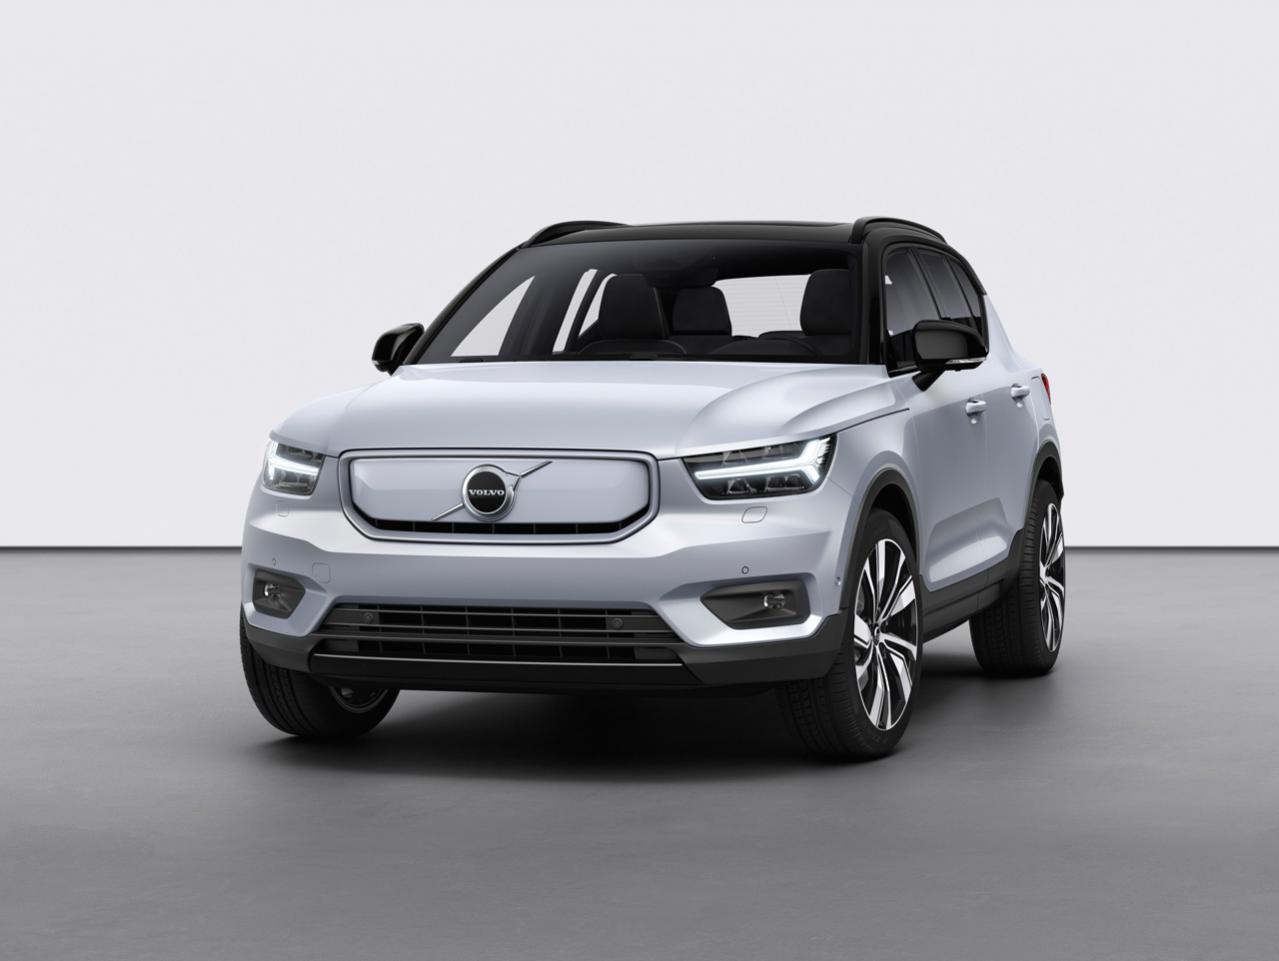 ボルボ初のピュアEV「V40リチャージ」が今年後半から生産開始! 一回の満充電で400kmの走行が可能な「V40リチャージP8 AWD」が市場導入へ